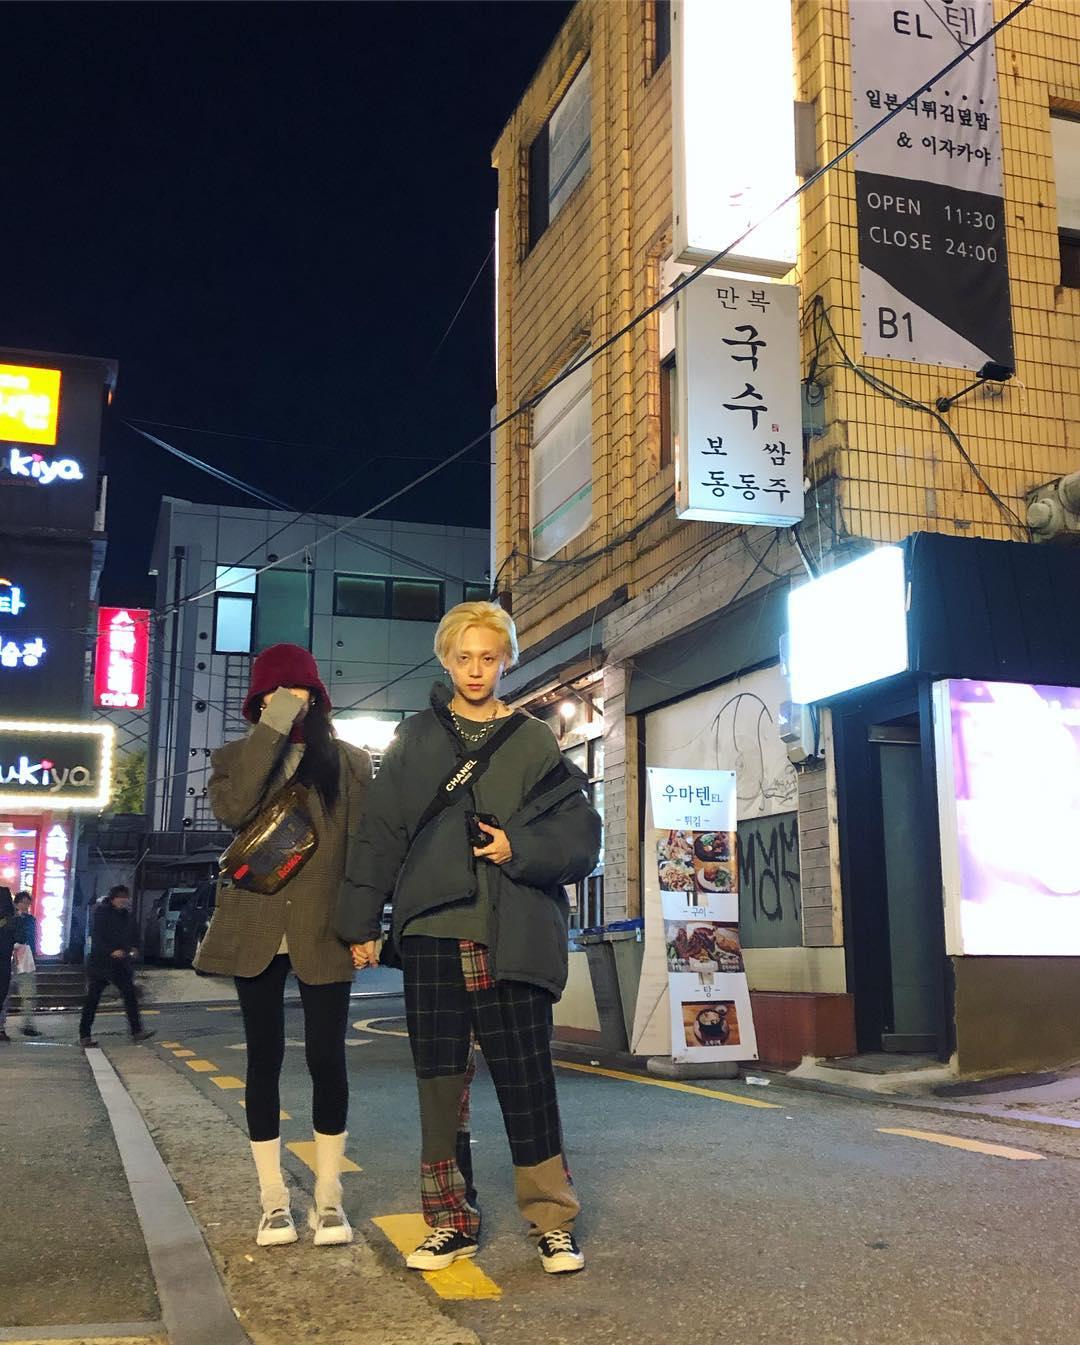 近期最具話題的韓國情侶檔泫雅和前男團PENTAGON成員E'Dawn自從一起離開前經紀公司CUBE後越來越公開,今天泫雅在instagram上傳2則和男友一起跳舞的影片,性感程度迅速引起討論!